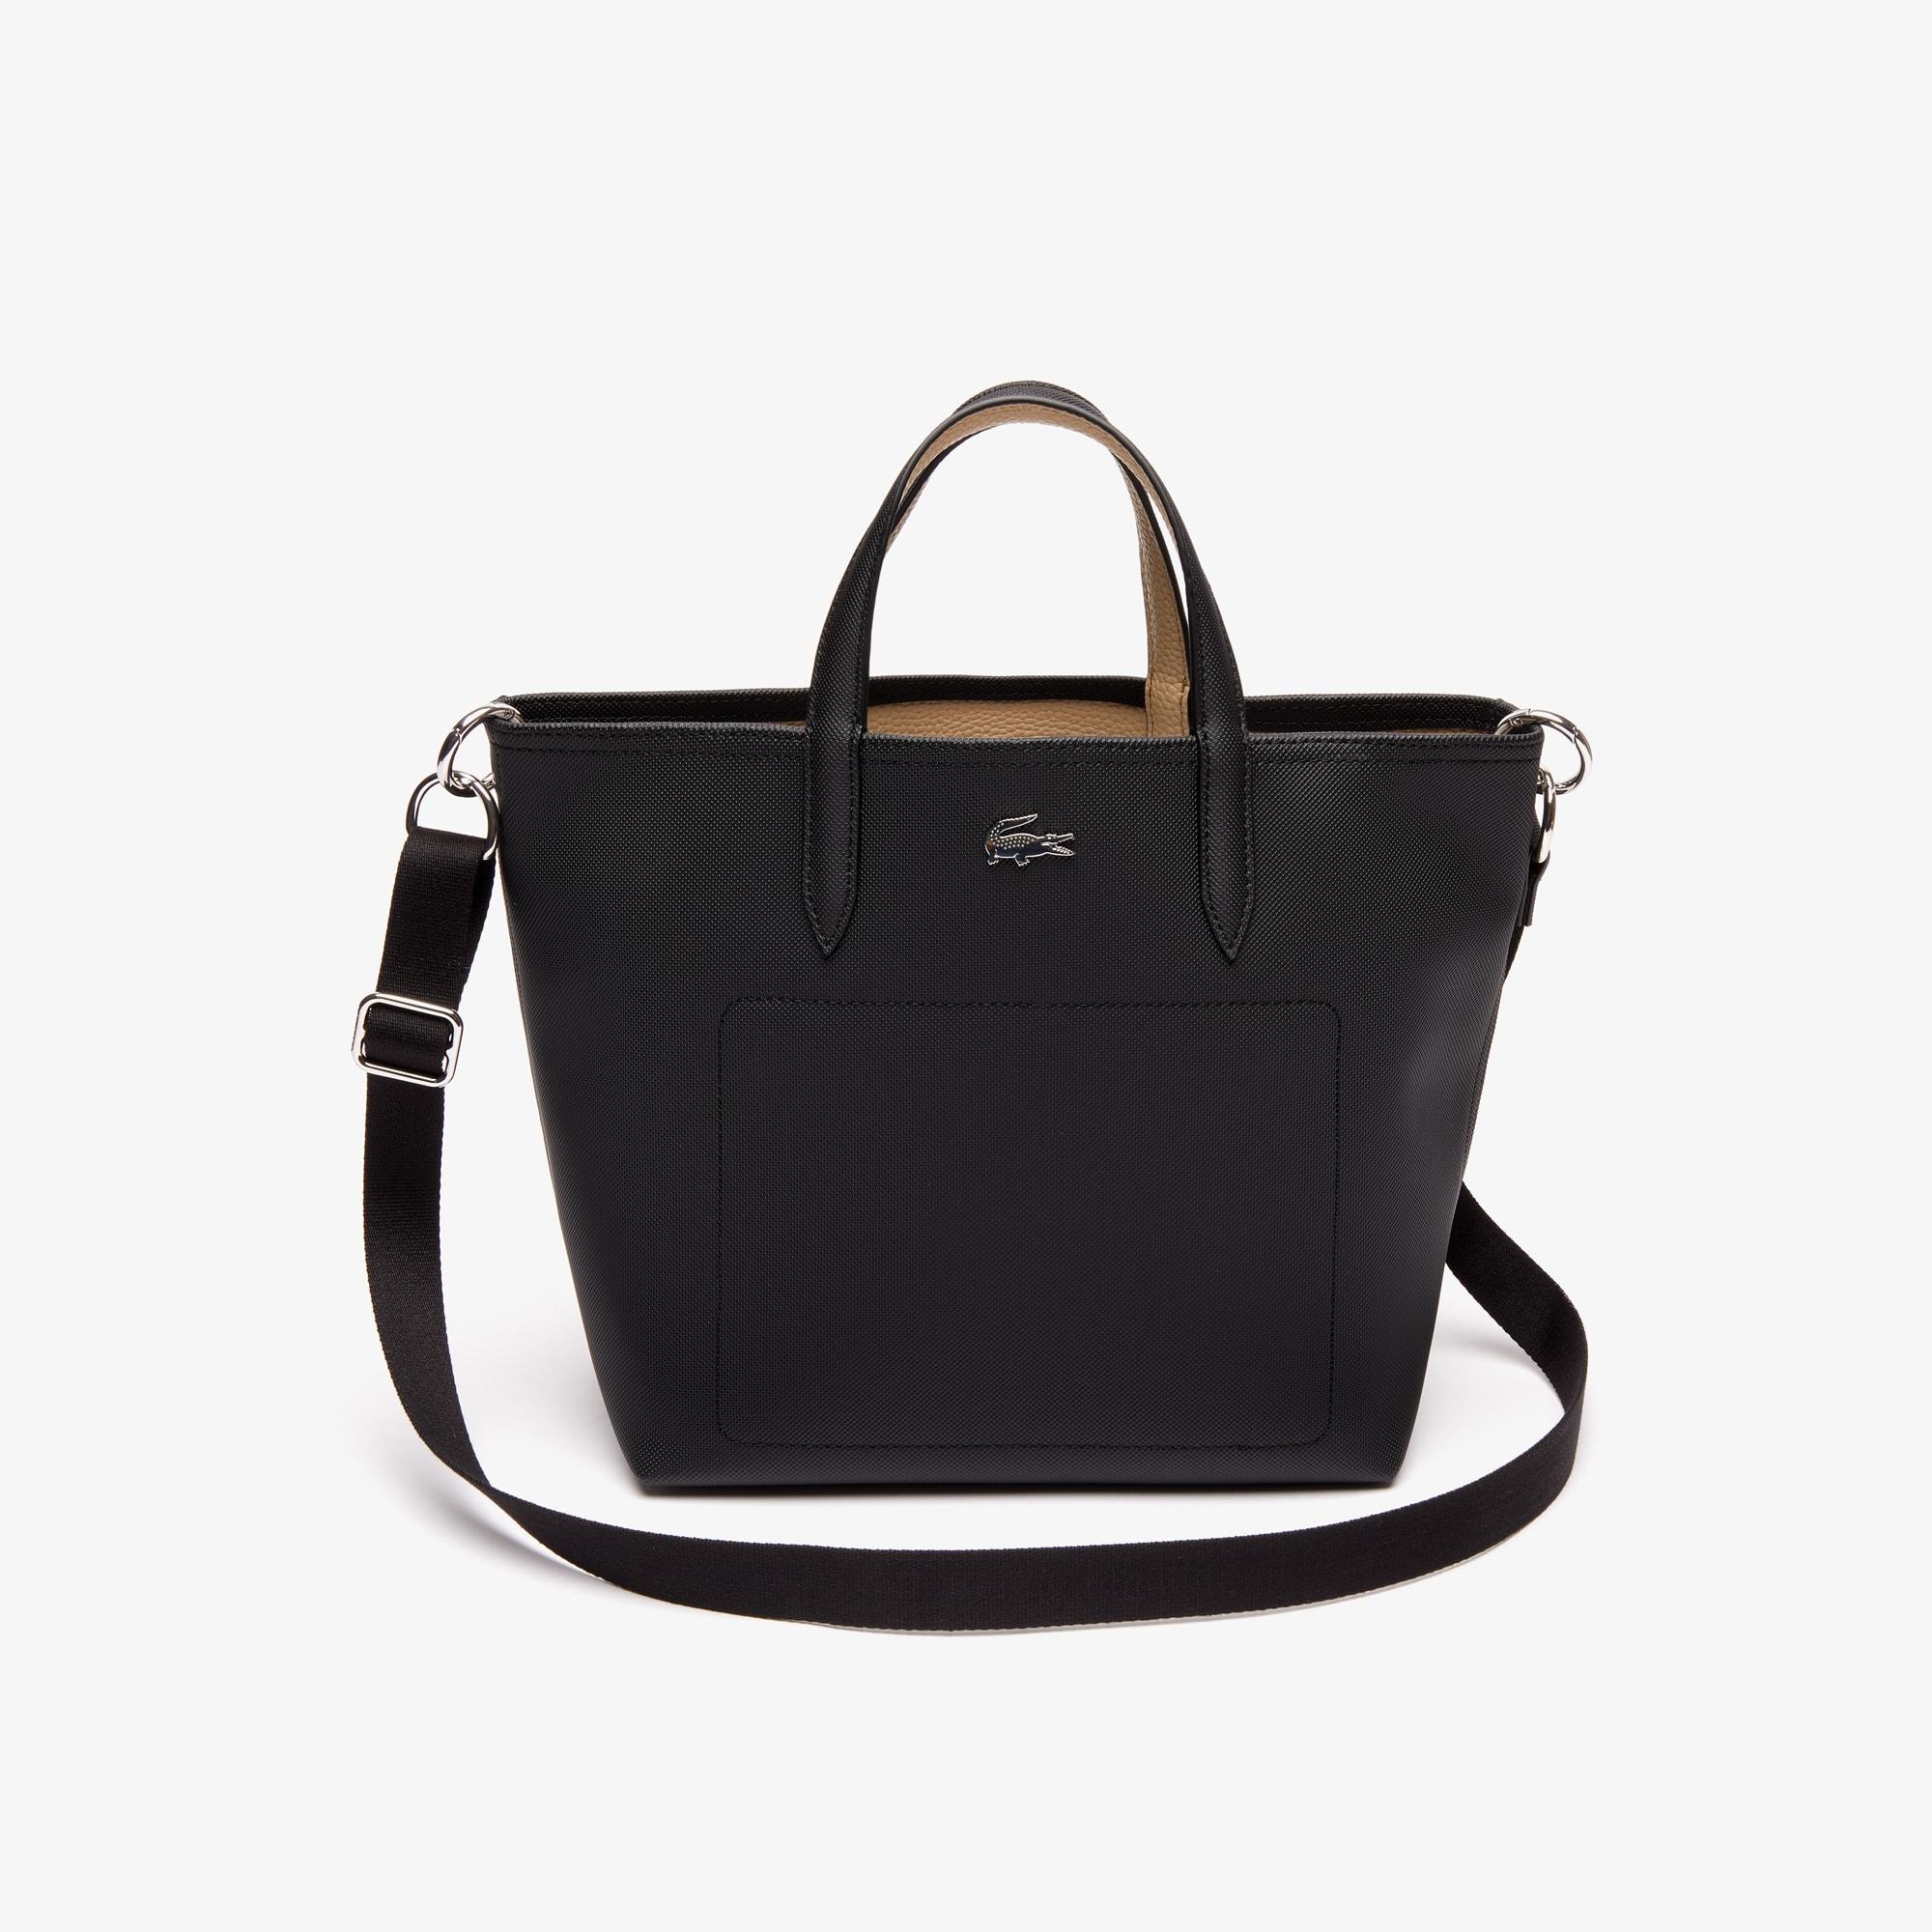 Colección de bolsos y bolsos de mano  2245d43183d1